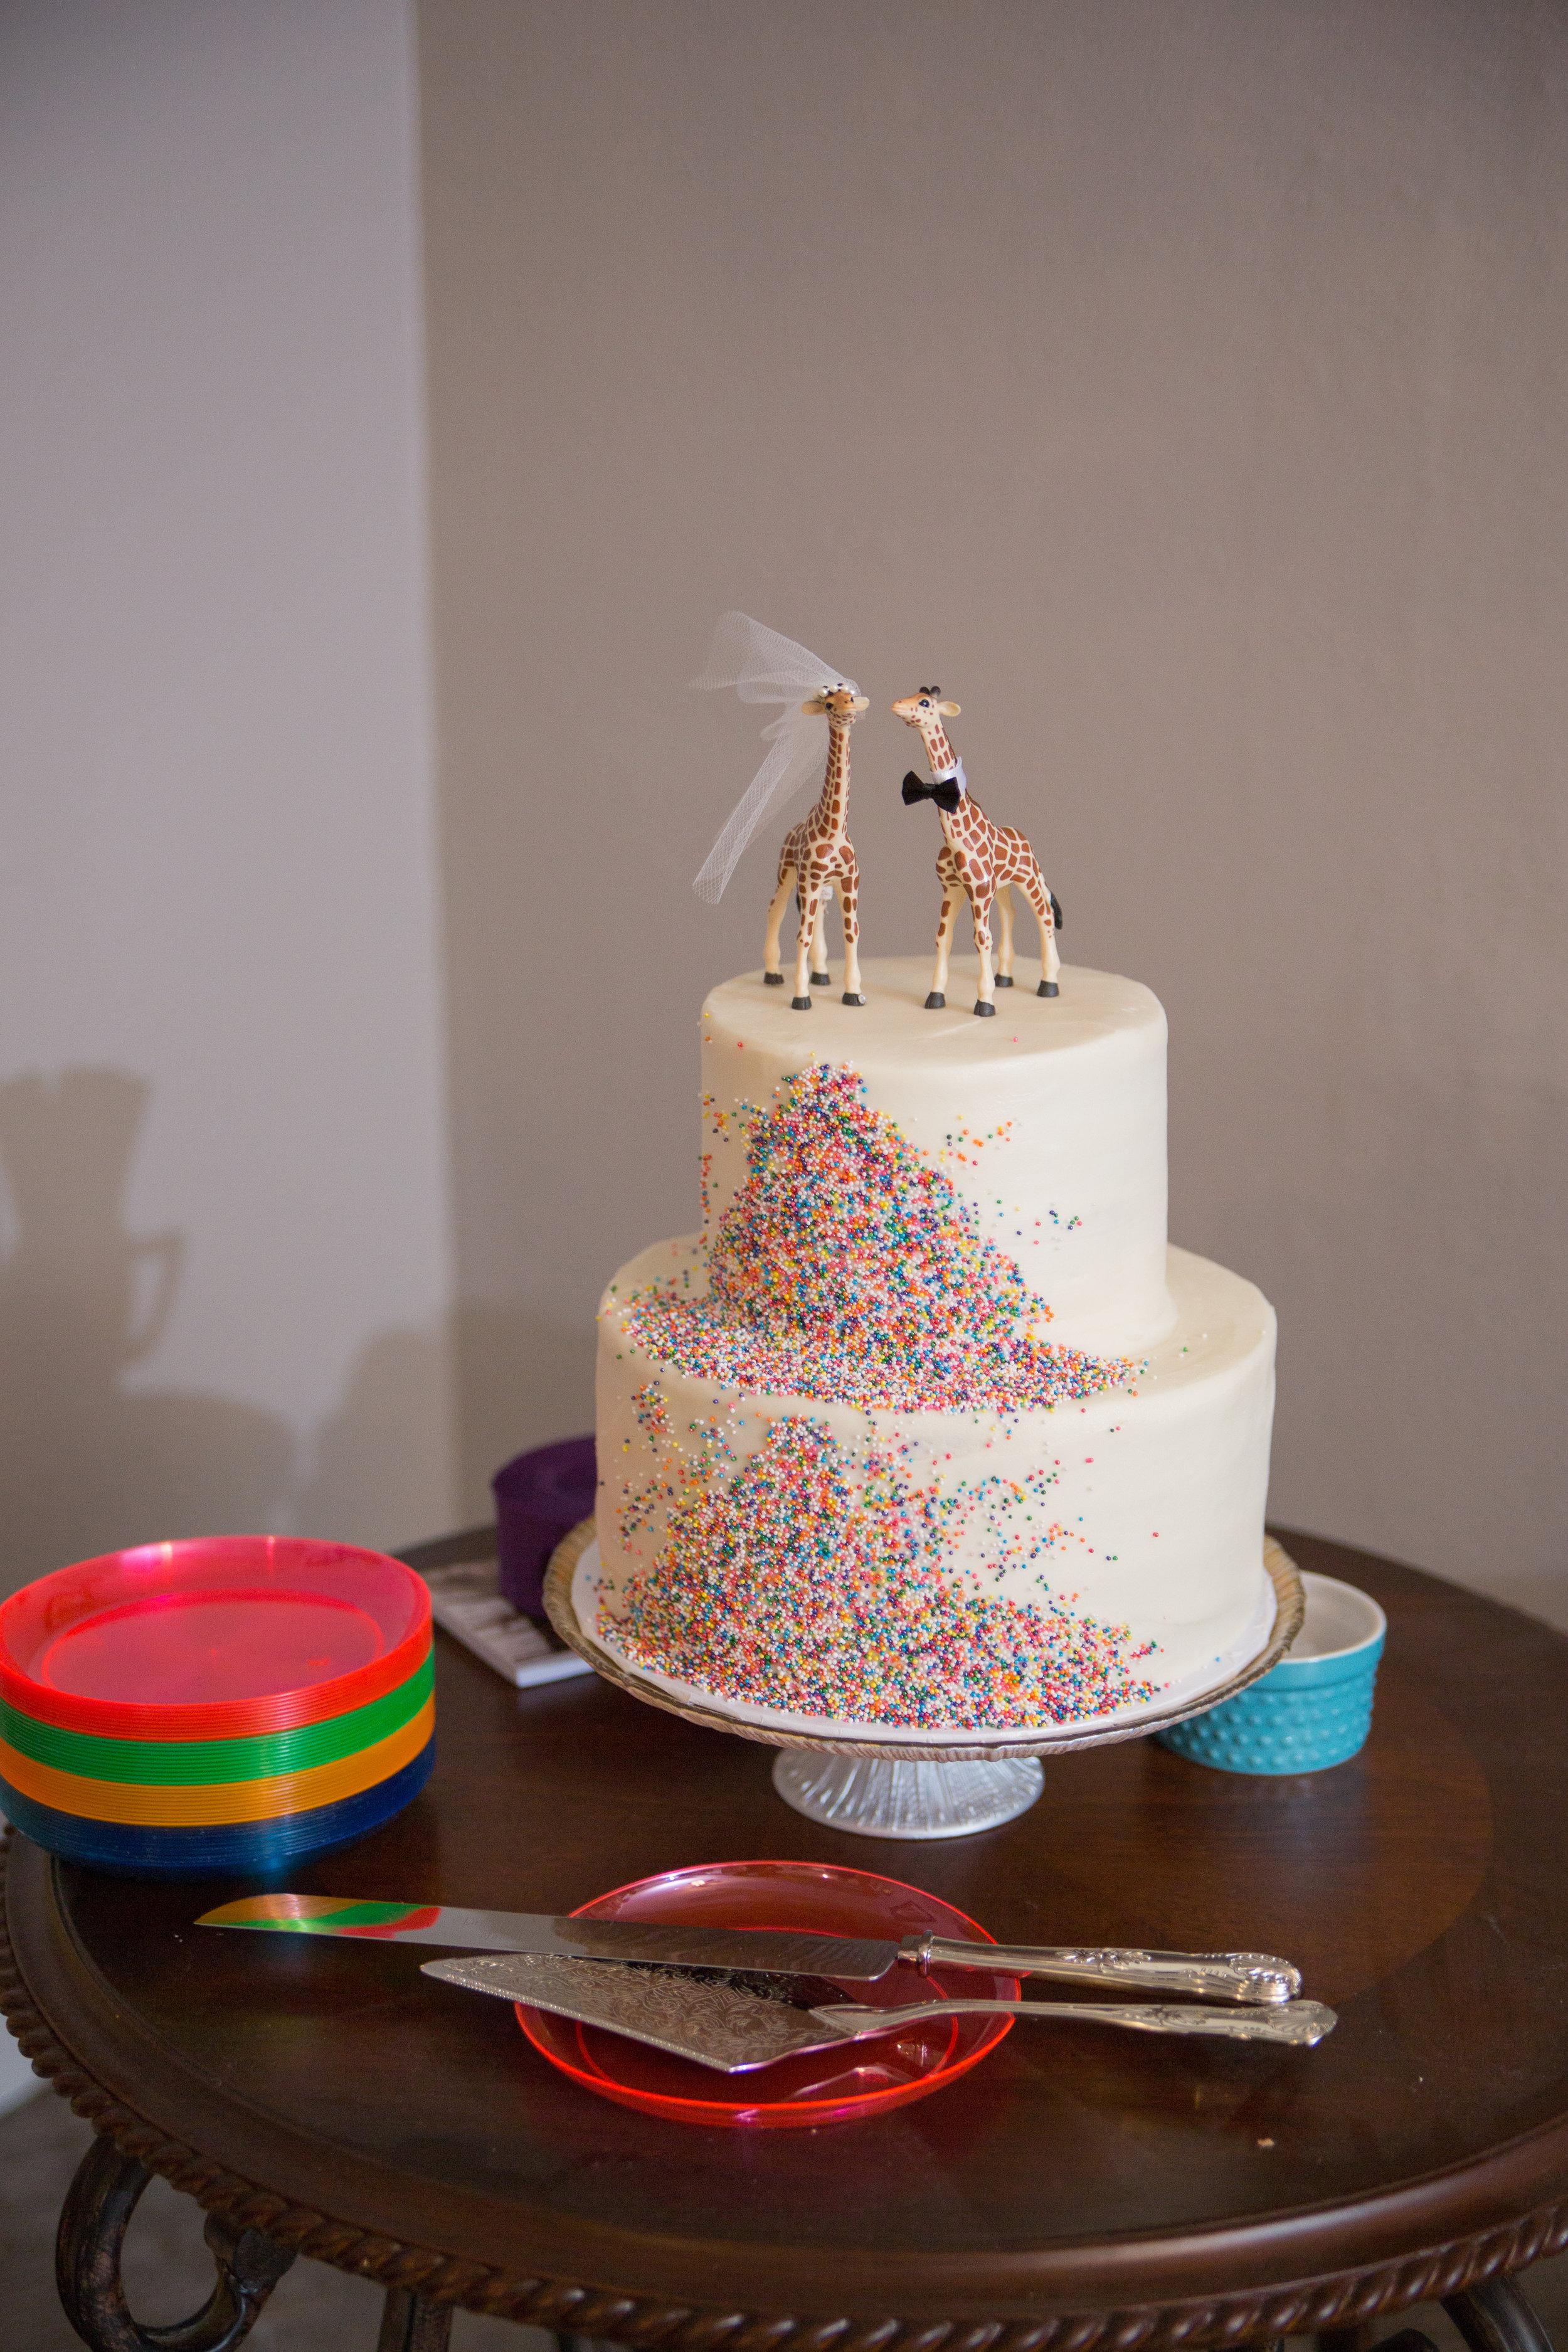 Our Fiesta funfetti cake from Bird Bakery!